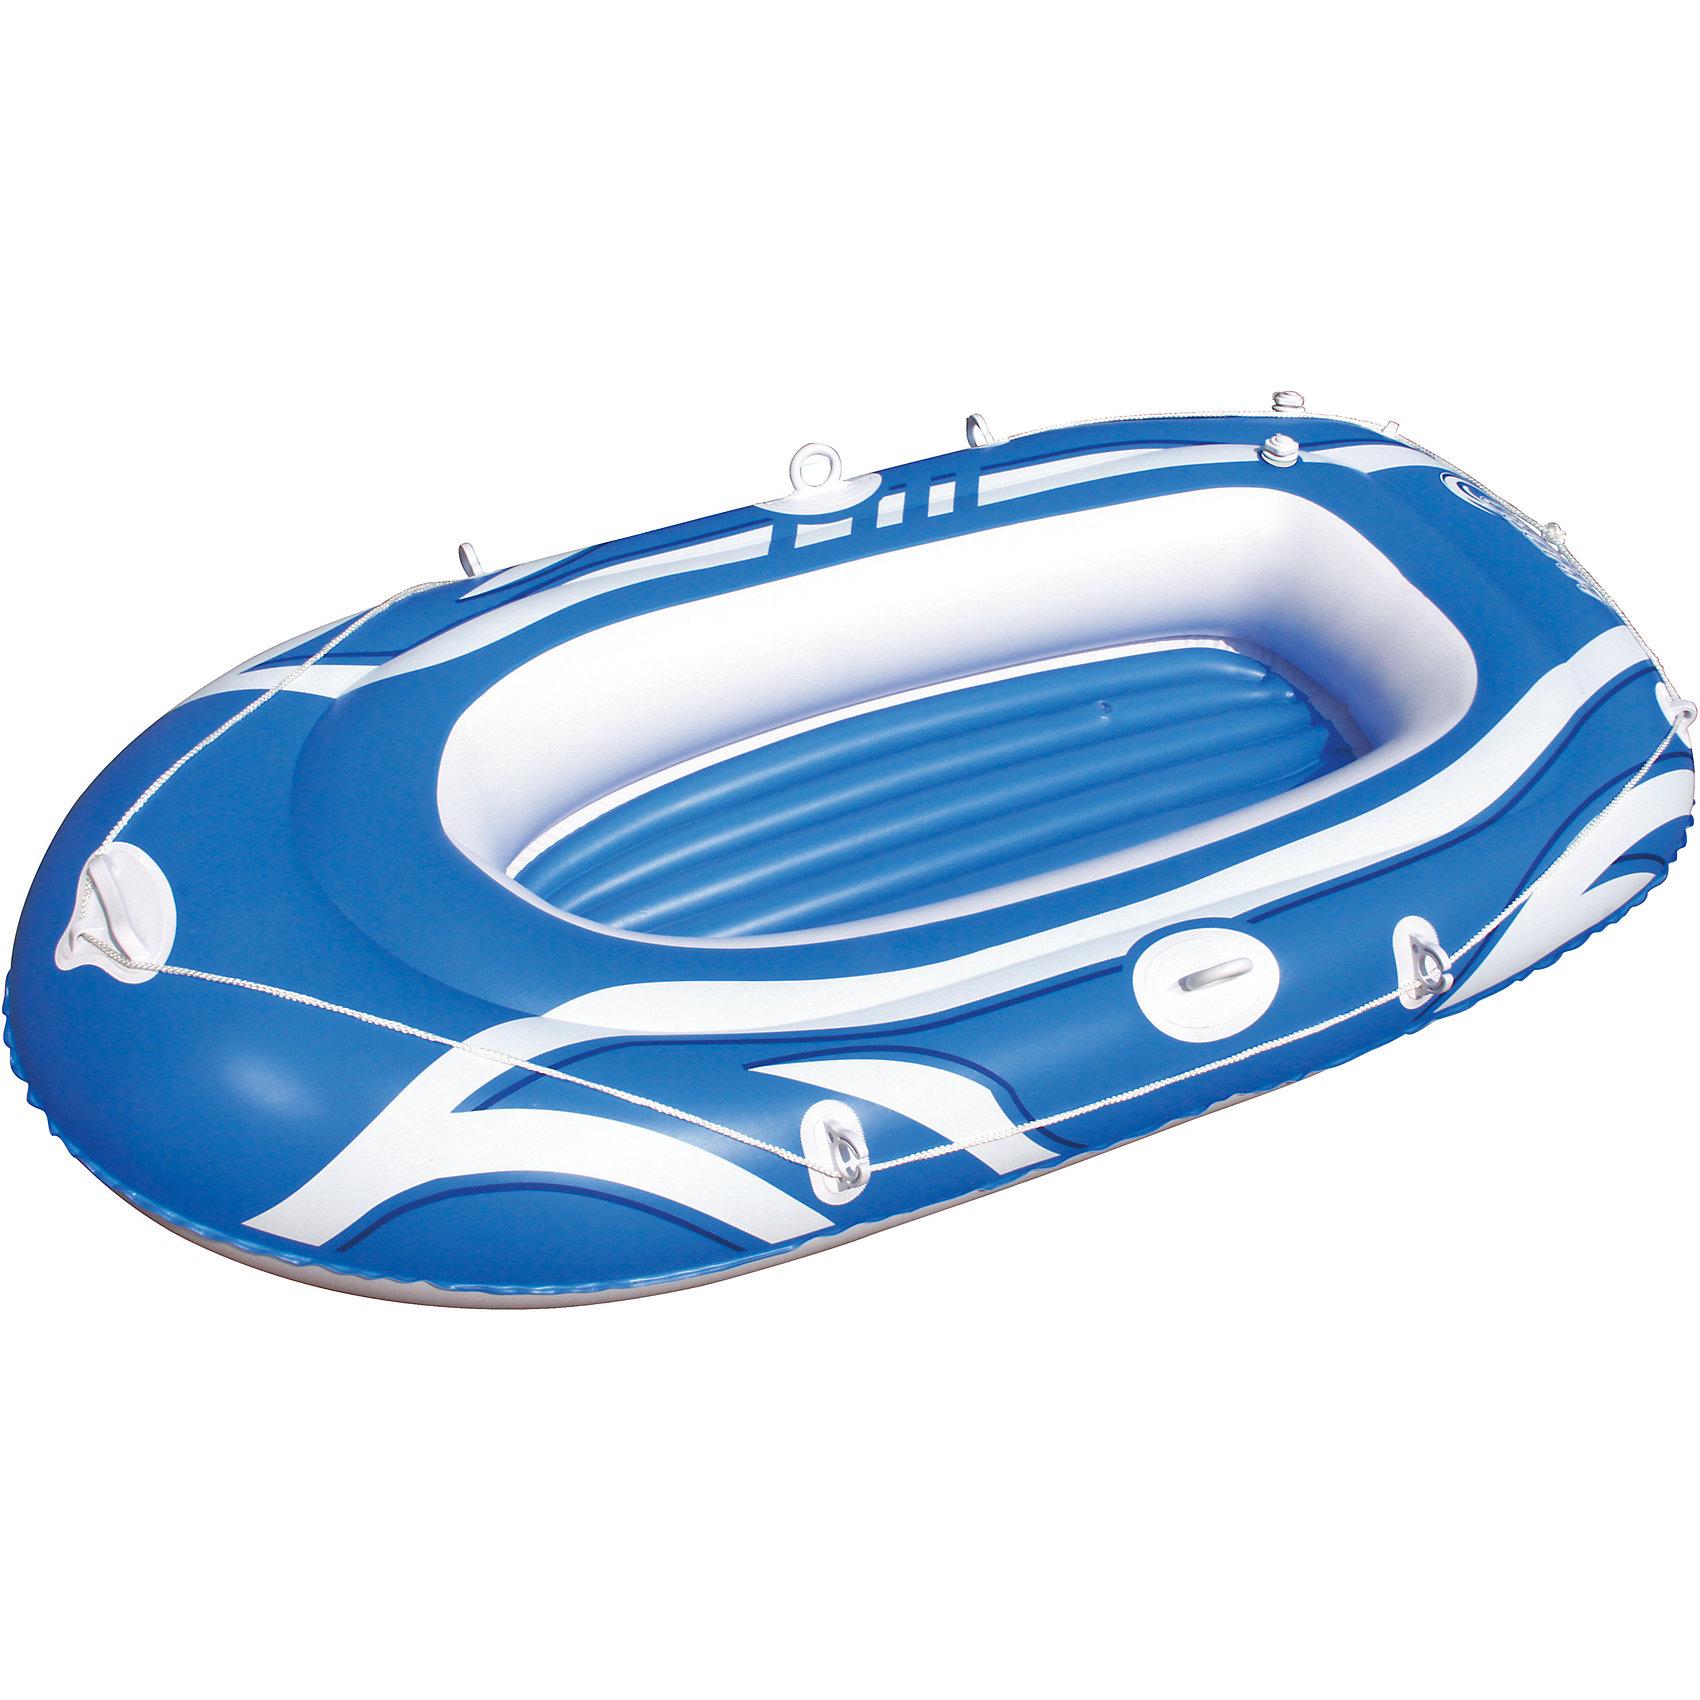 Надувная лодка с двухкамерным бортом, Bestway, голубаяМатрасы и лодки<br>Характеристики товара:<br><br>• материал: винил<br>• цвет: голубой<br>• размер: 188х98 см<br>• комплектация: леерный трос, уключины, ремкомплект<br>• максимальная нагрузка: 120 кг<br>• легкий прочный материал<br>• надувная<br>• яркий цвет<br>• 1,5-местная<br>• комфортный<br>• возраст: от 3 лет<br>• страна бренда: США, Китай<br>• страна производства: Китай<br><br>Это отличный способ научить малышей не бояться воды и обеспечить детям (и взрослым тоже) веселое времяпровождение! Лодка поможет ребенку больше времени проводить на воде.<br><br>Предмет сделан из прочного материала, но очень легкого - отлично держится на воде. Лодка легкая, её удобно брать с собой. Изделие произведено из качественных и безопасных для детей материалов.<br><br>Надувную лодку с двухкамерным бортом, голубую, от бренда Bestway (Бествей) можно купить в нашем интернет-магазине.<br><br>Ширина мм: 350<br>Глубина мм: 90<br>Высота мм: 330<br>Вес г: 2955<br>Возраст от месяцев: 12<br>Возраст до месяцев: 1188<br>Пол: Унисекс<br>Возраст: Детский<br>SKU: 4051678